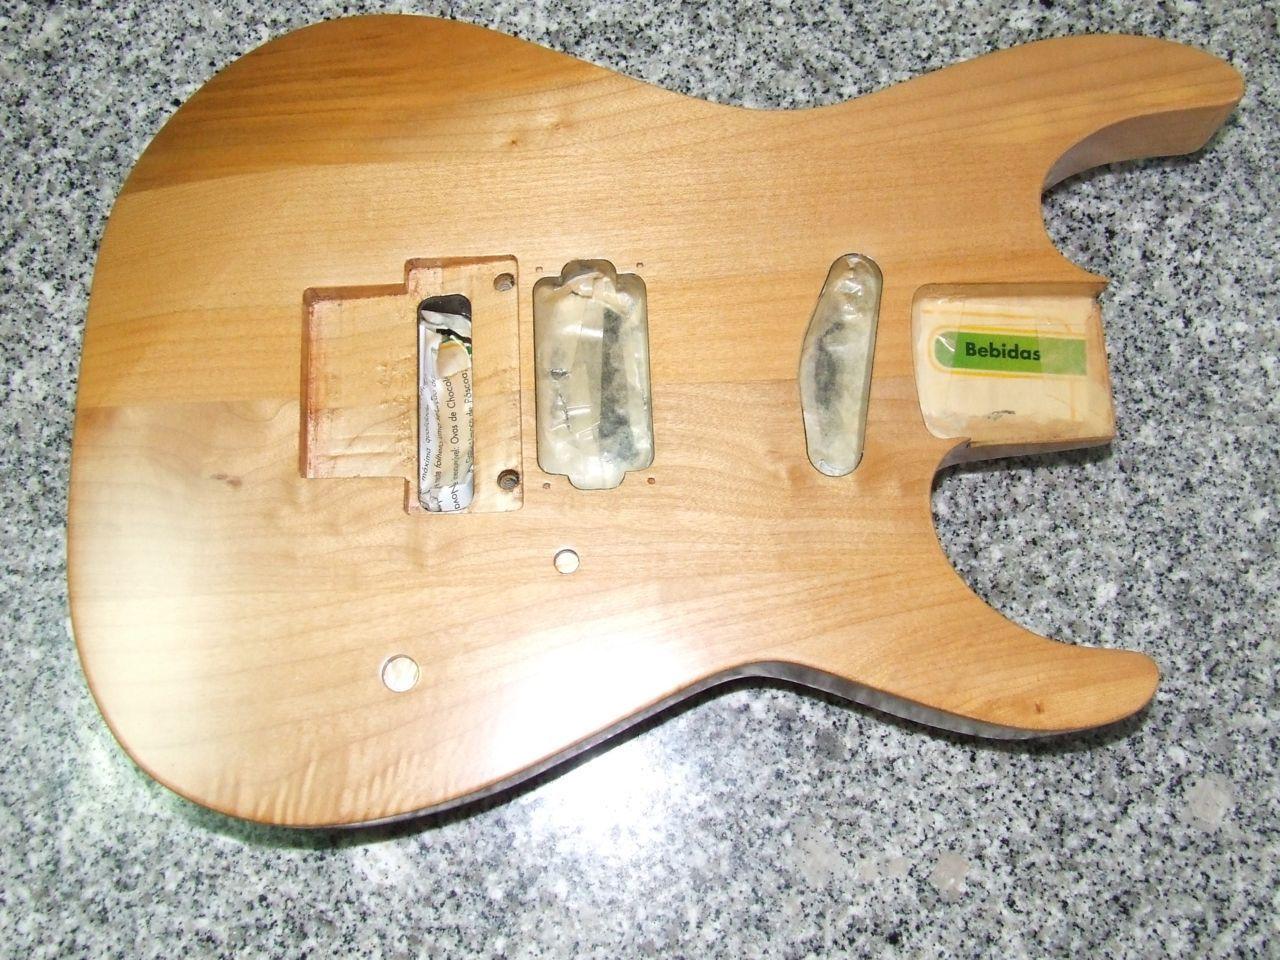 Envernizar guitarra com verniz mate Fratermusic #A47027 1280x960